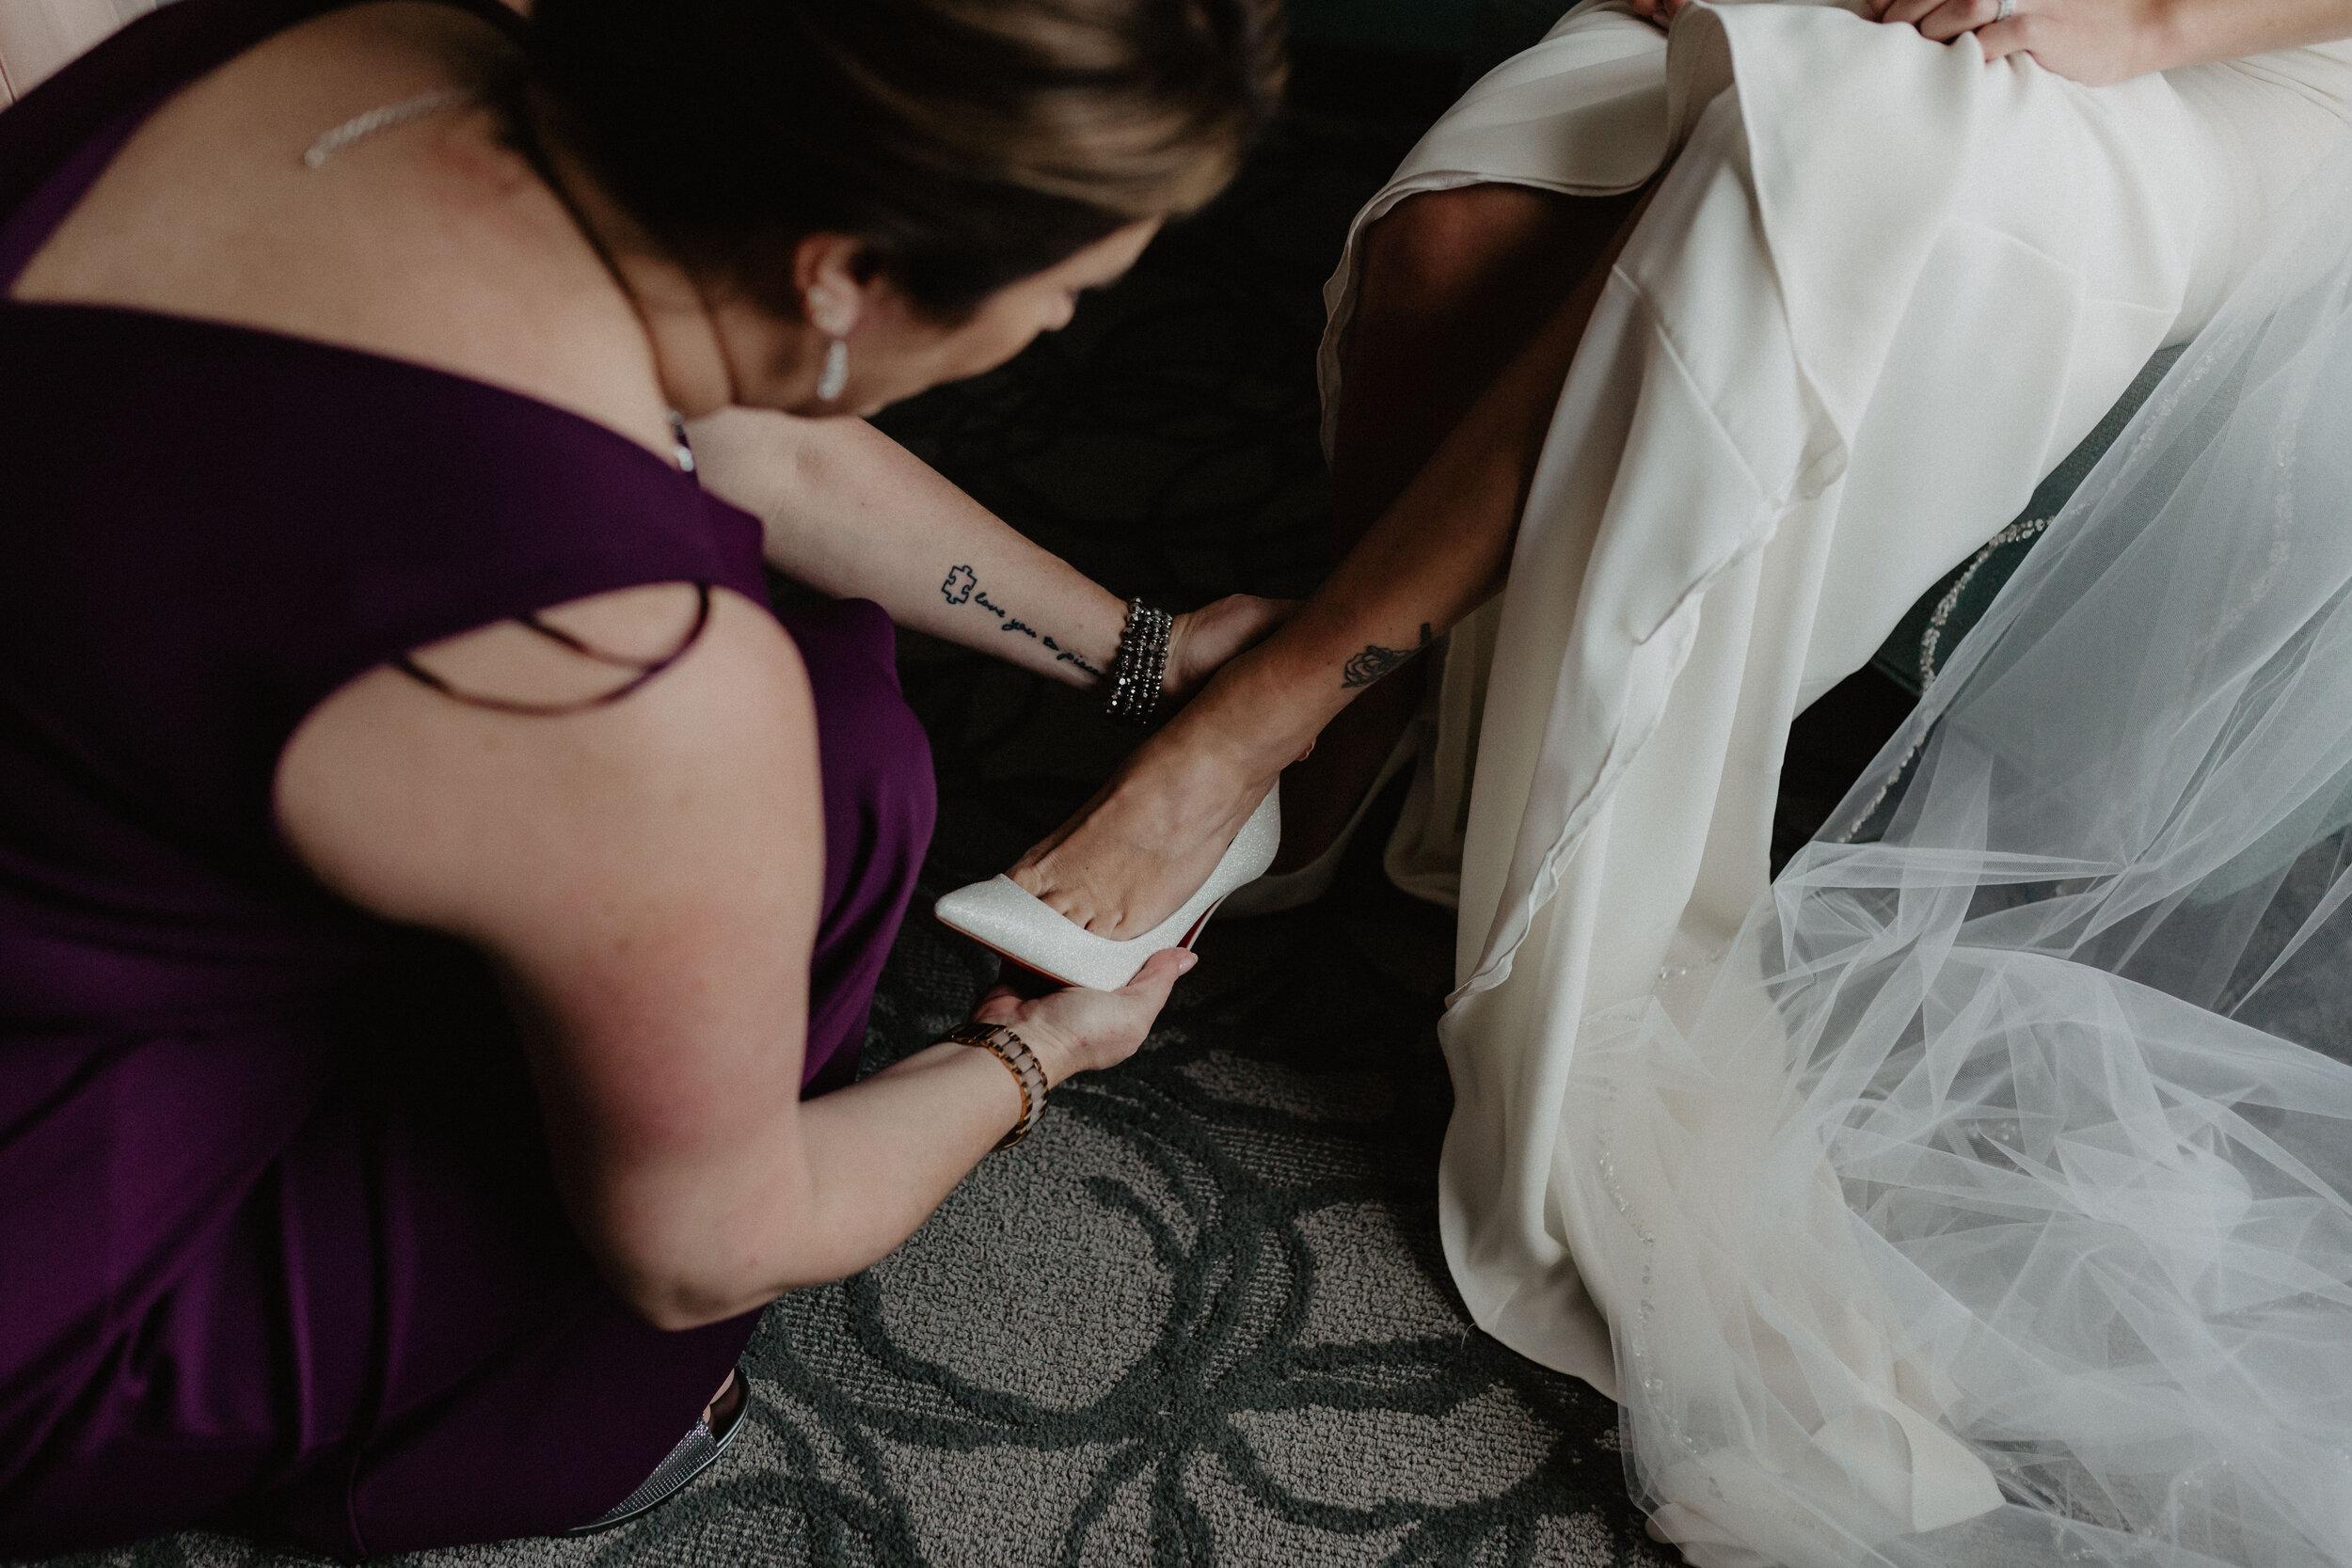 schenectady-new-york-wedding011.jpg